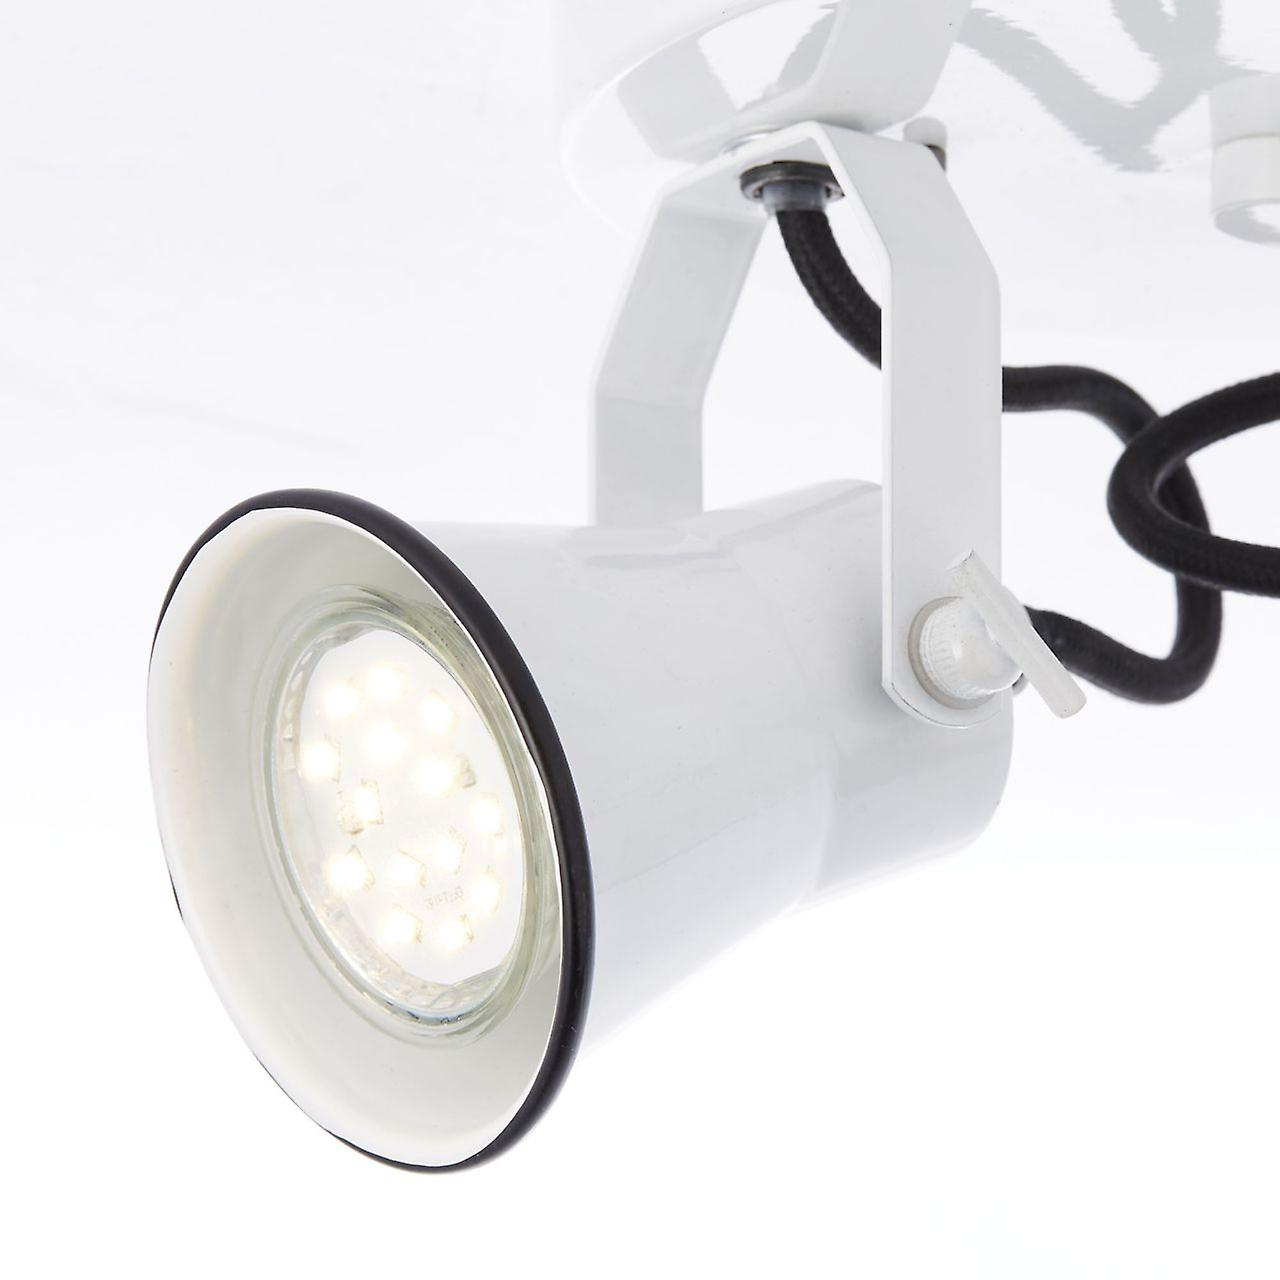 BRILLIANT Lampe Rancher Spotrondell 2flg weiß hochglanz | 2x PAR51, GU10, 6W, geeignet für Reflektorlampen (nicht enthalten) | Skala A++ bis E | Köpfe schwenkbar